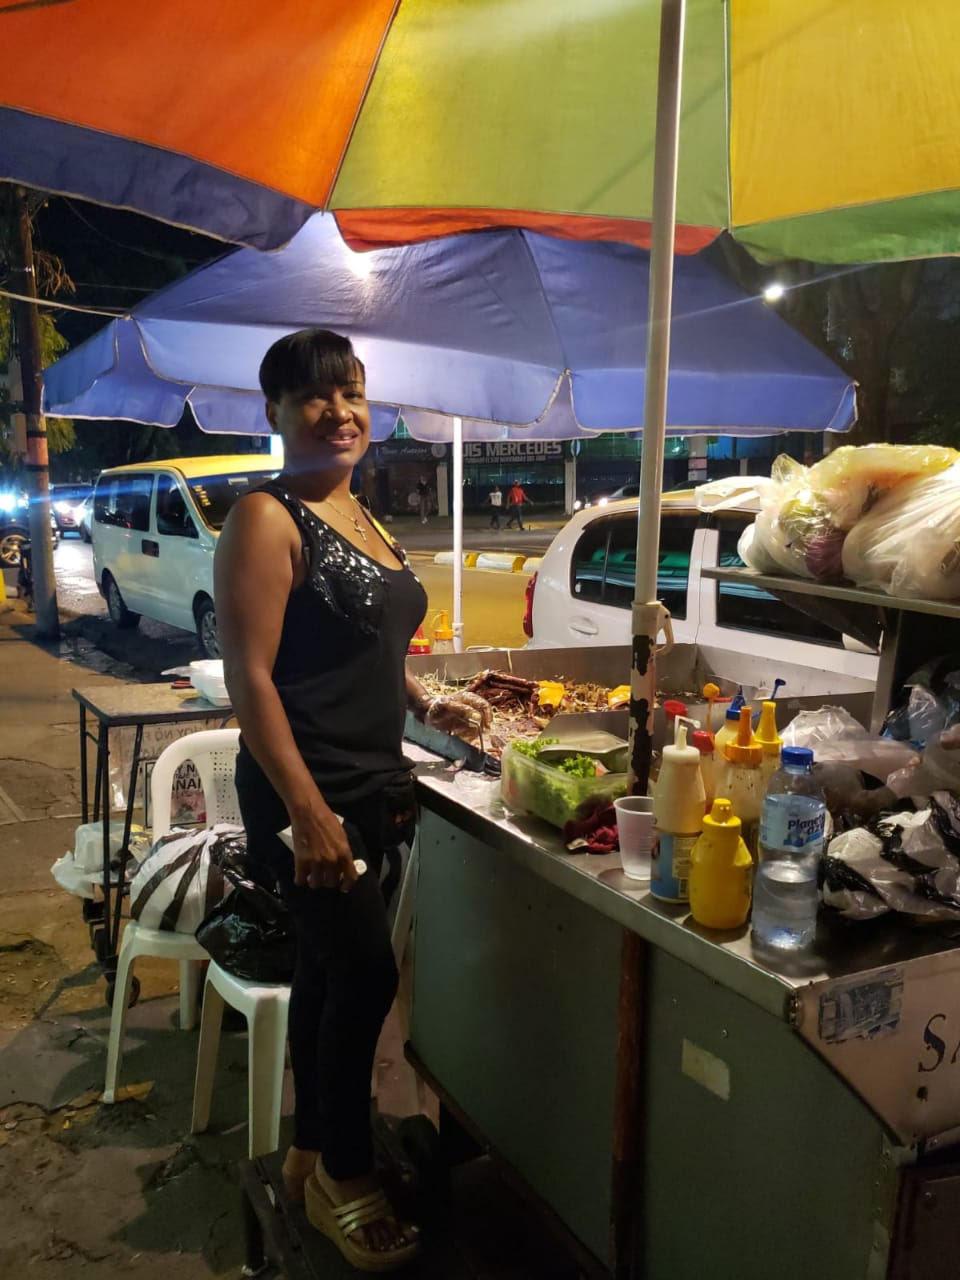 La Morena: El drama de una mujer en el negocio informal